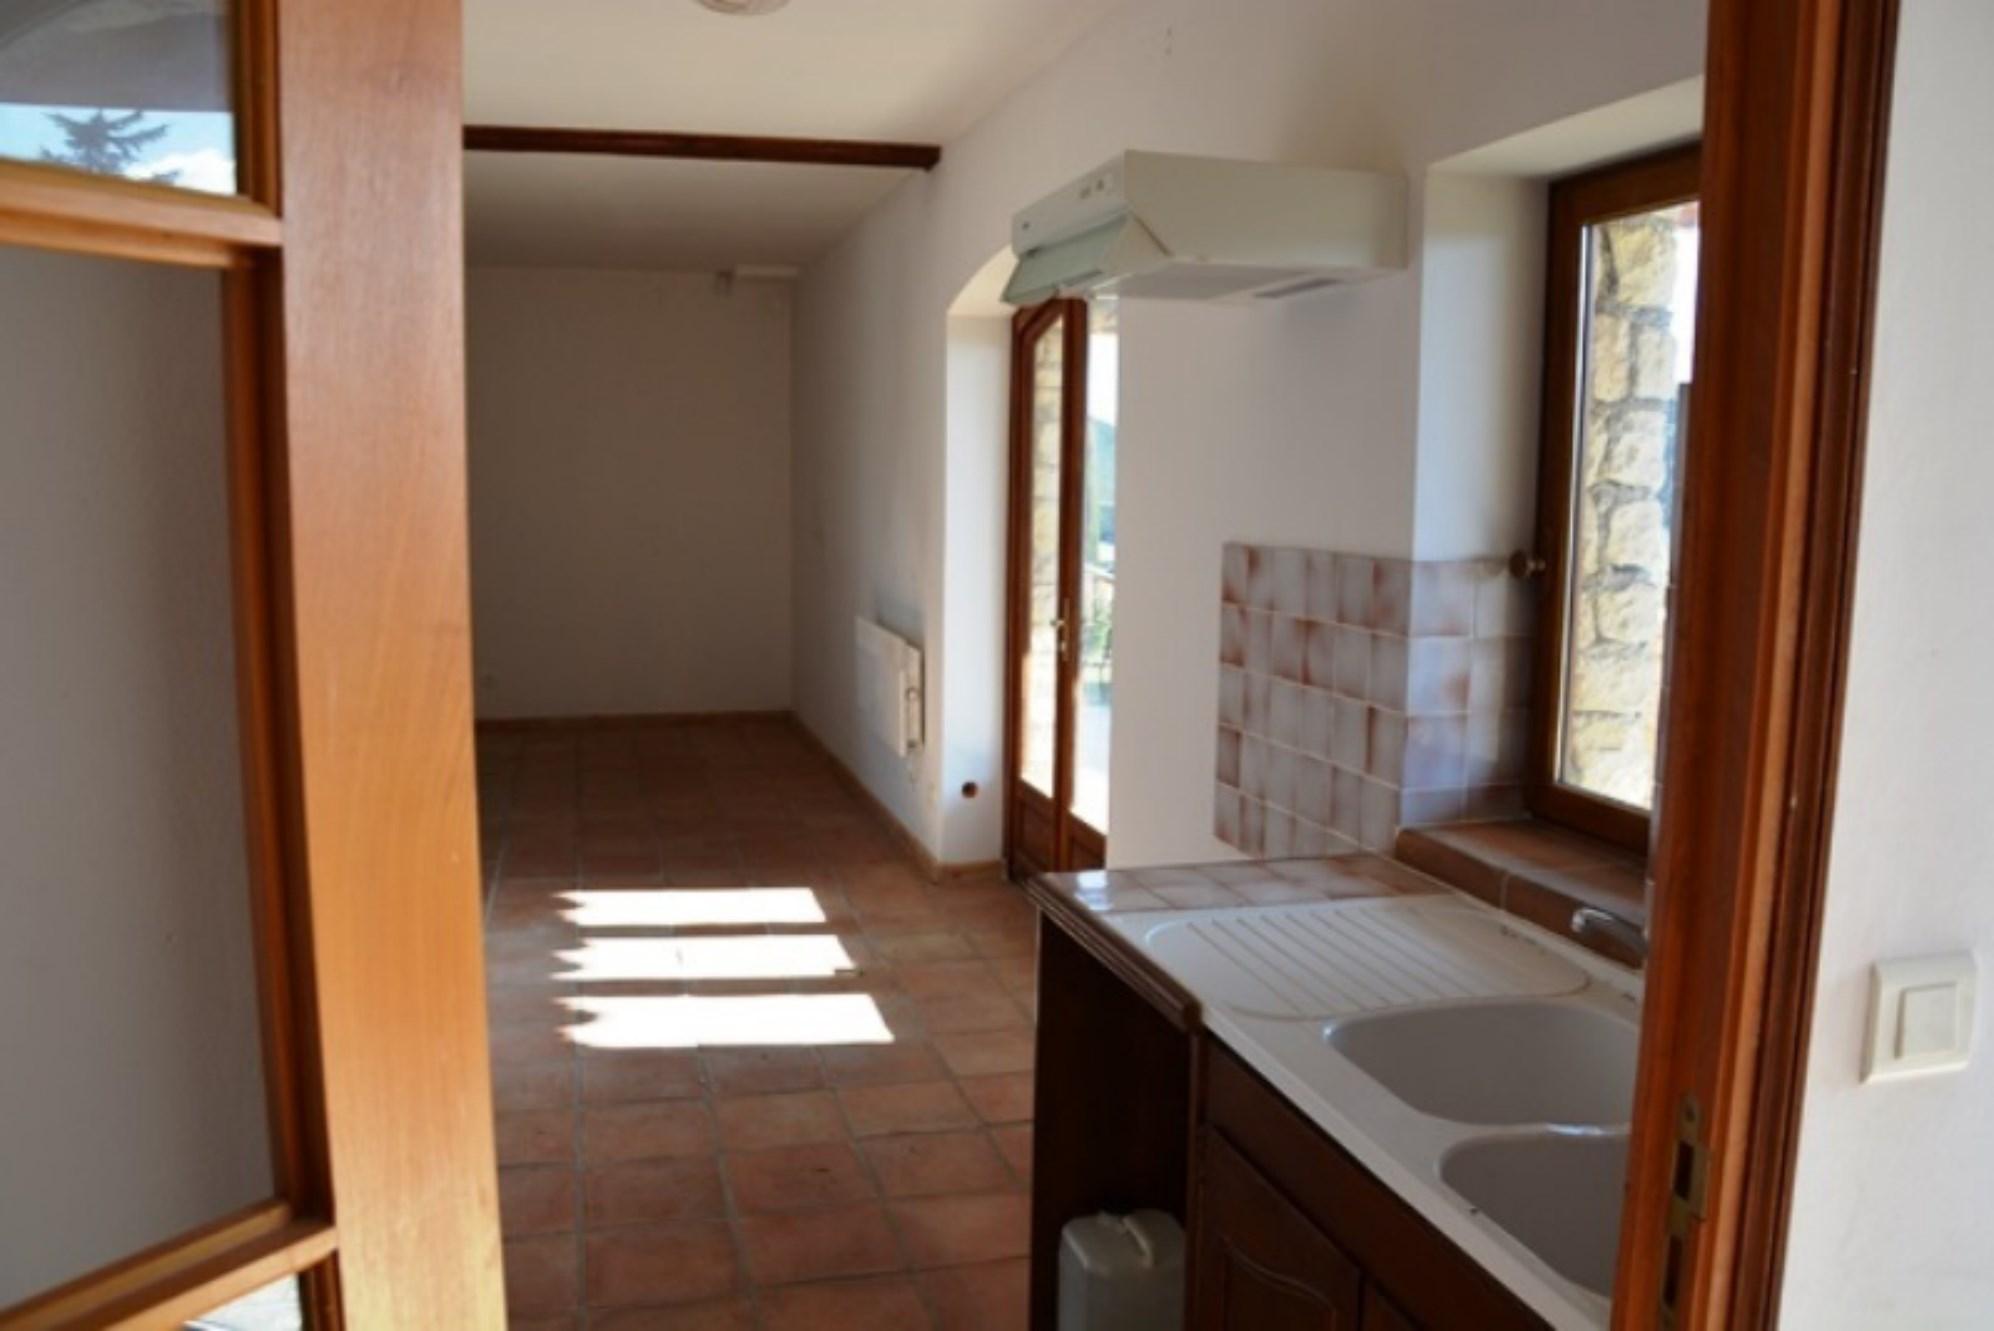 Luberon, à vendre, maison comprenant 2 appartements et 2 locaux commerciaux